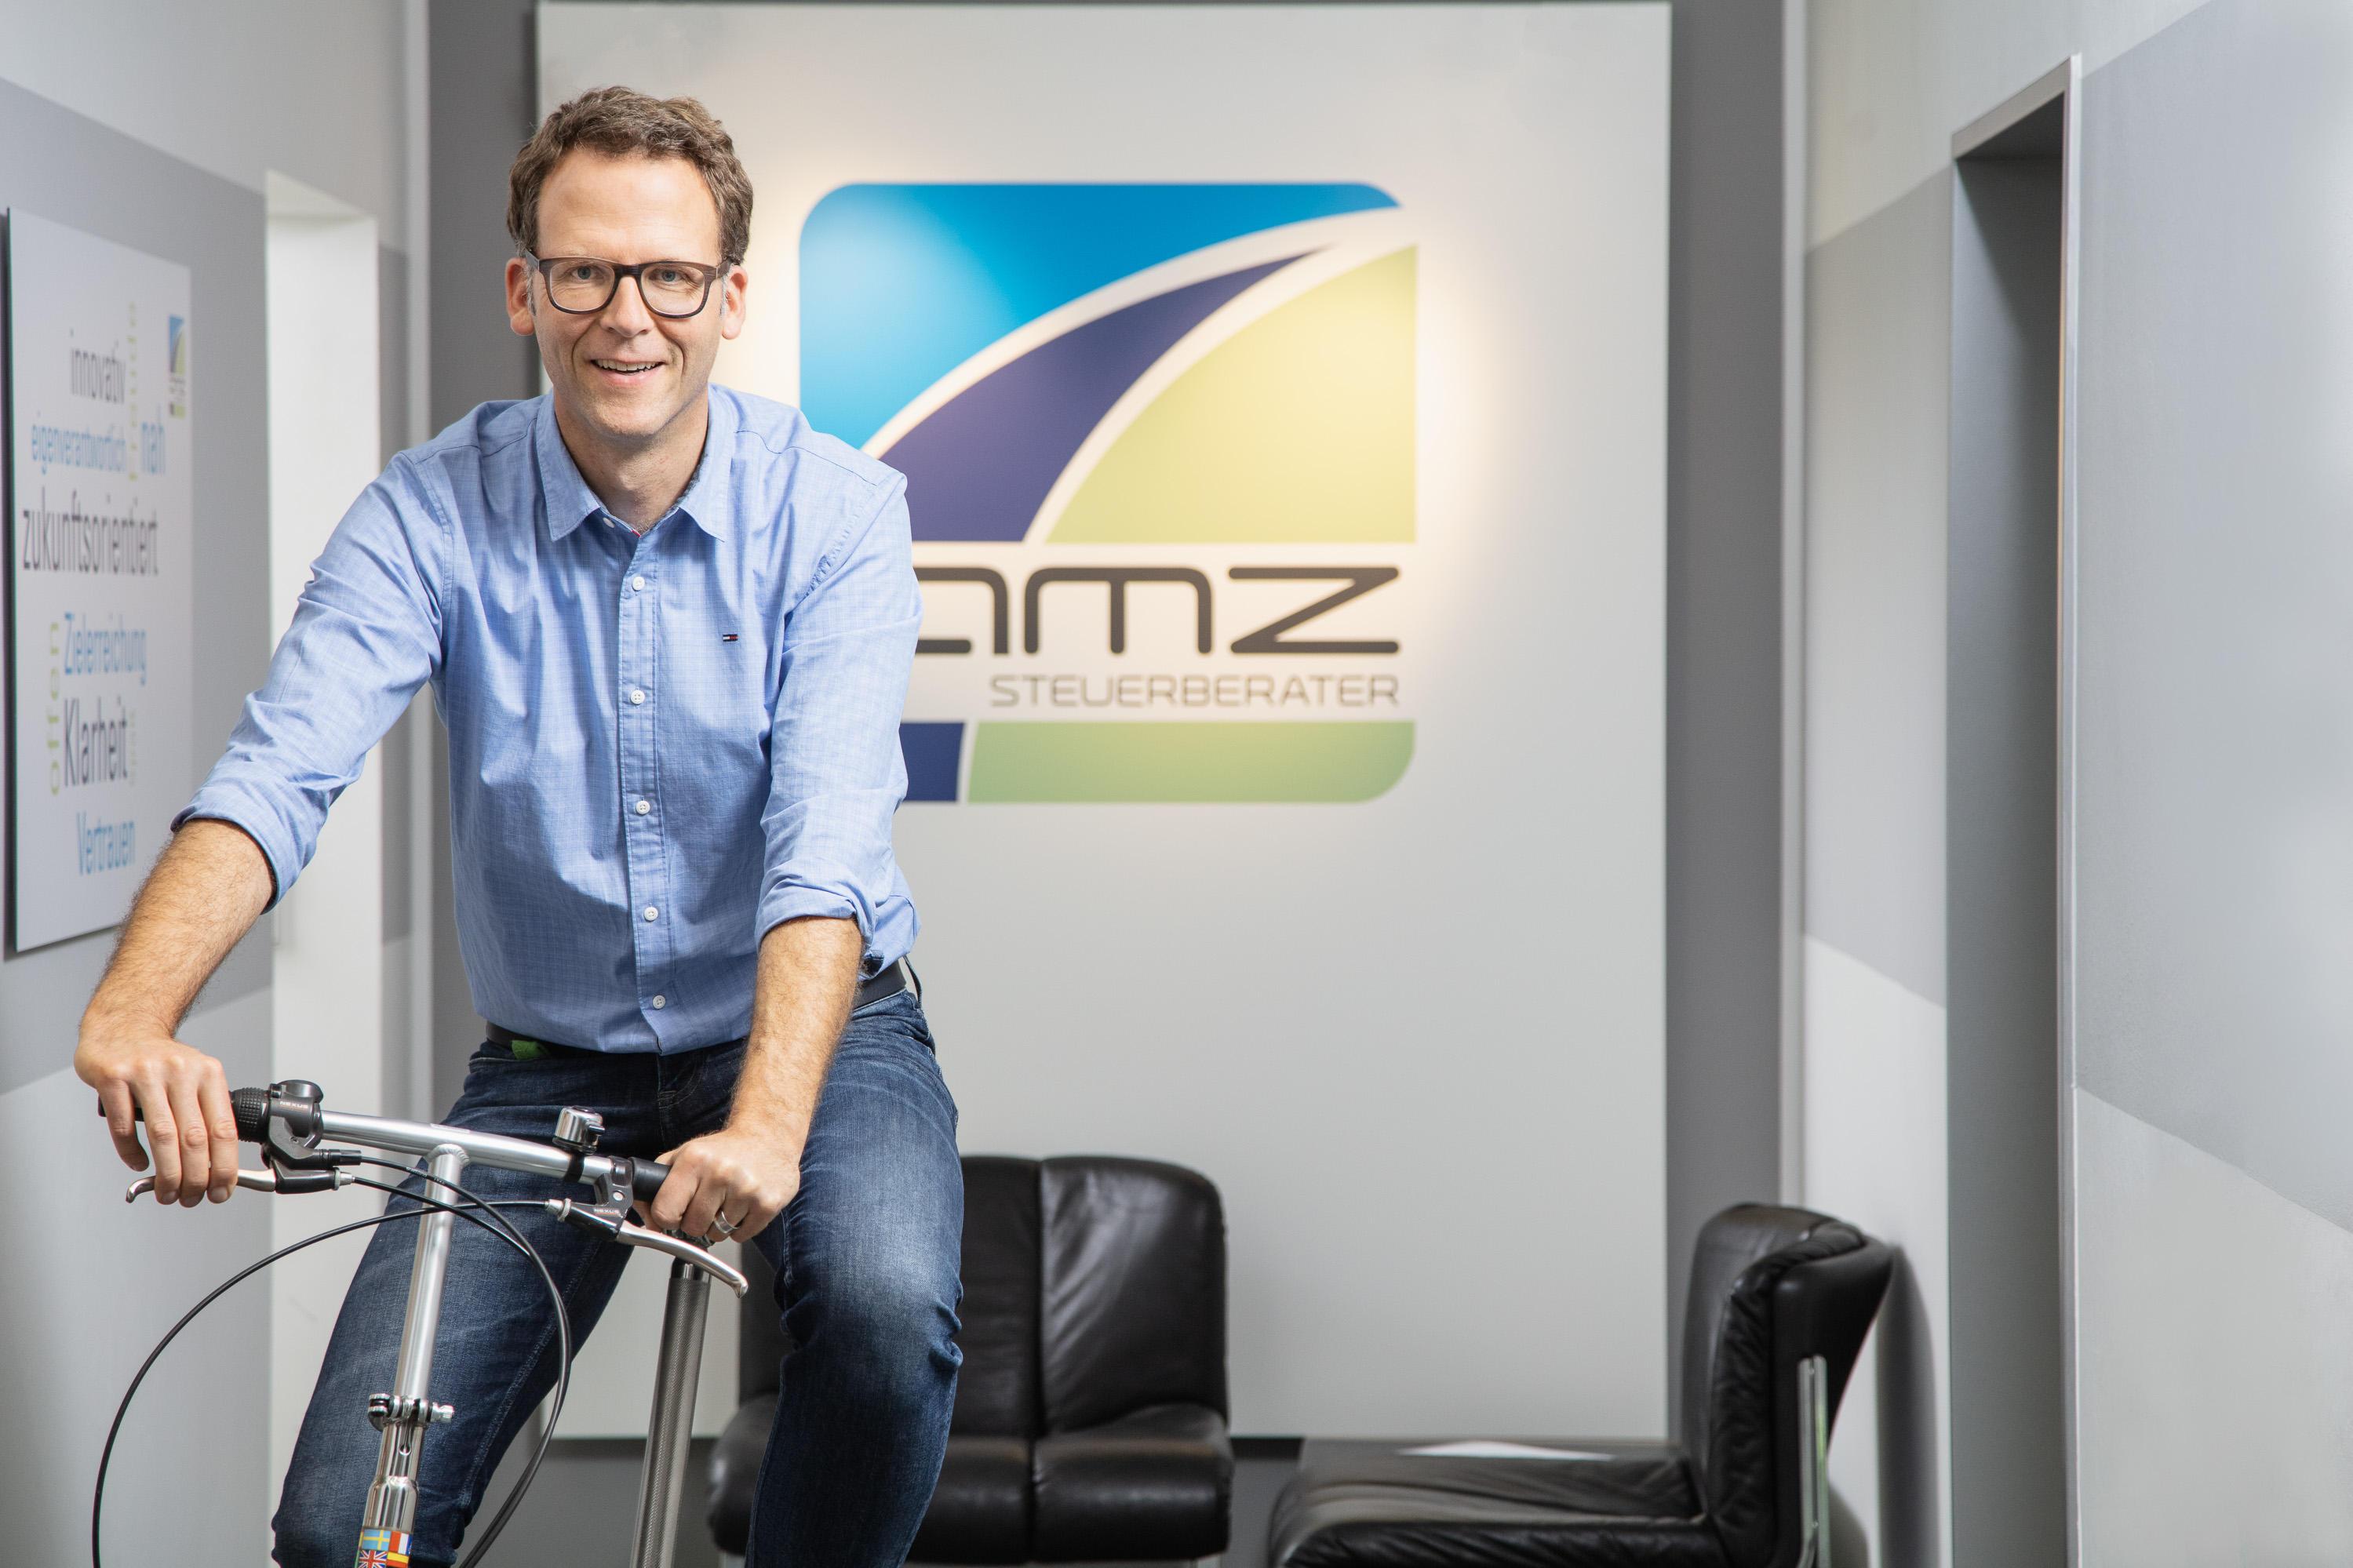 AMZ - Aurich Münch Ziegler Steuerberater PartGmbB, Karlsruhe